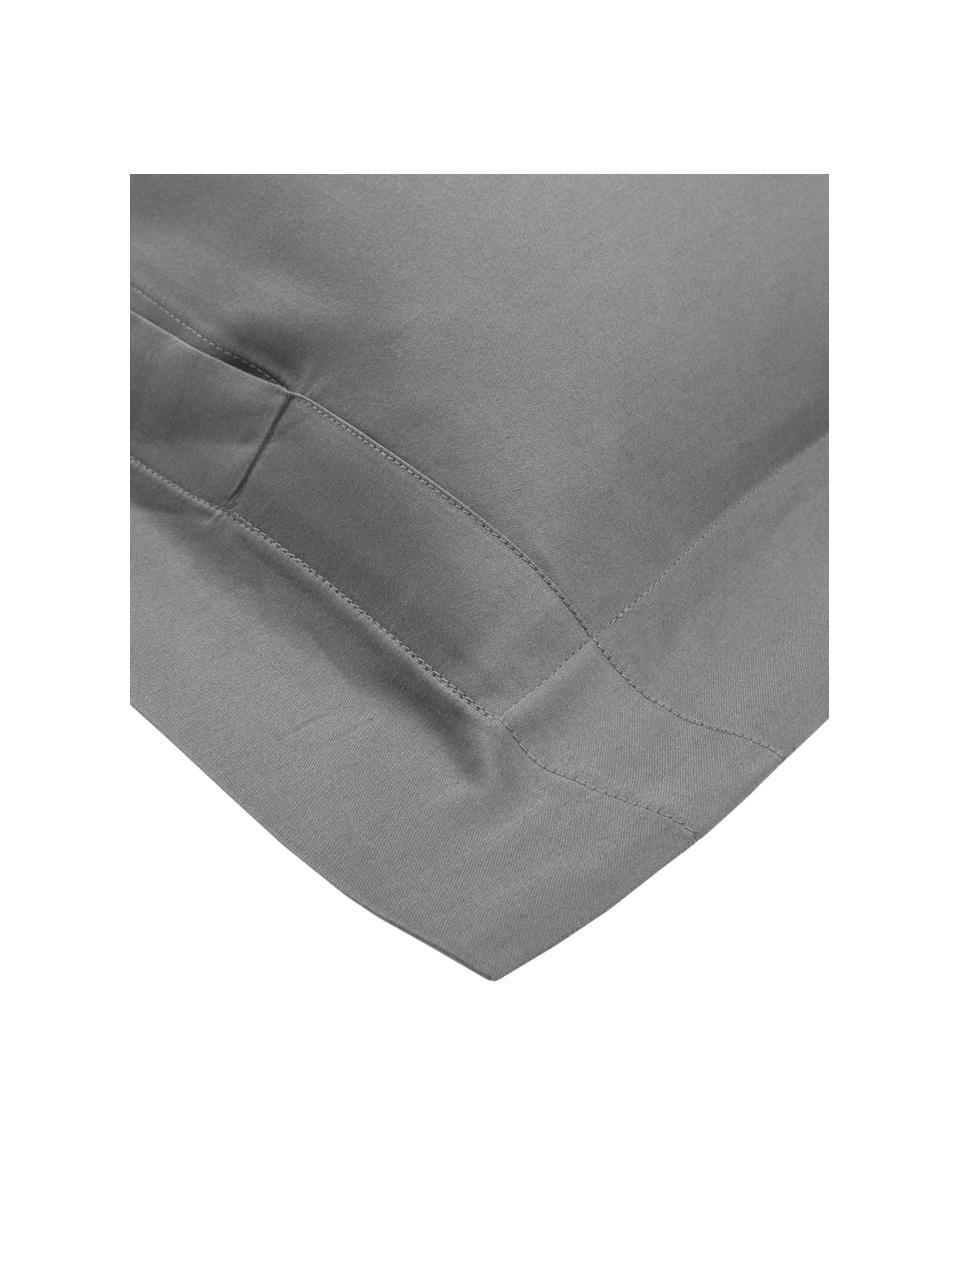 Satin-Kopfkissenbezüge Premium aus Bio-Baumwolle in Dunkelgrau mit Stehsaum, 2 Stück, Webart: Satin Fadendichte 400 TC,, Dunkelgrau, 40 x 80 cm